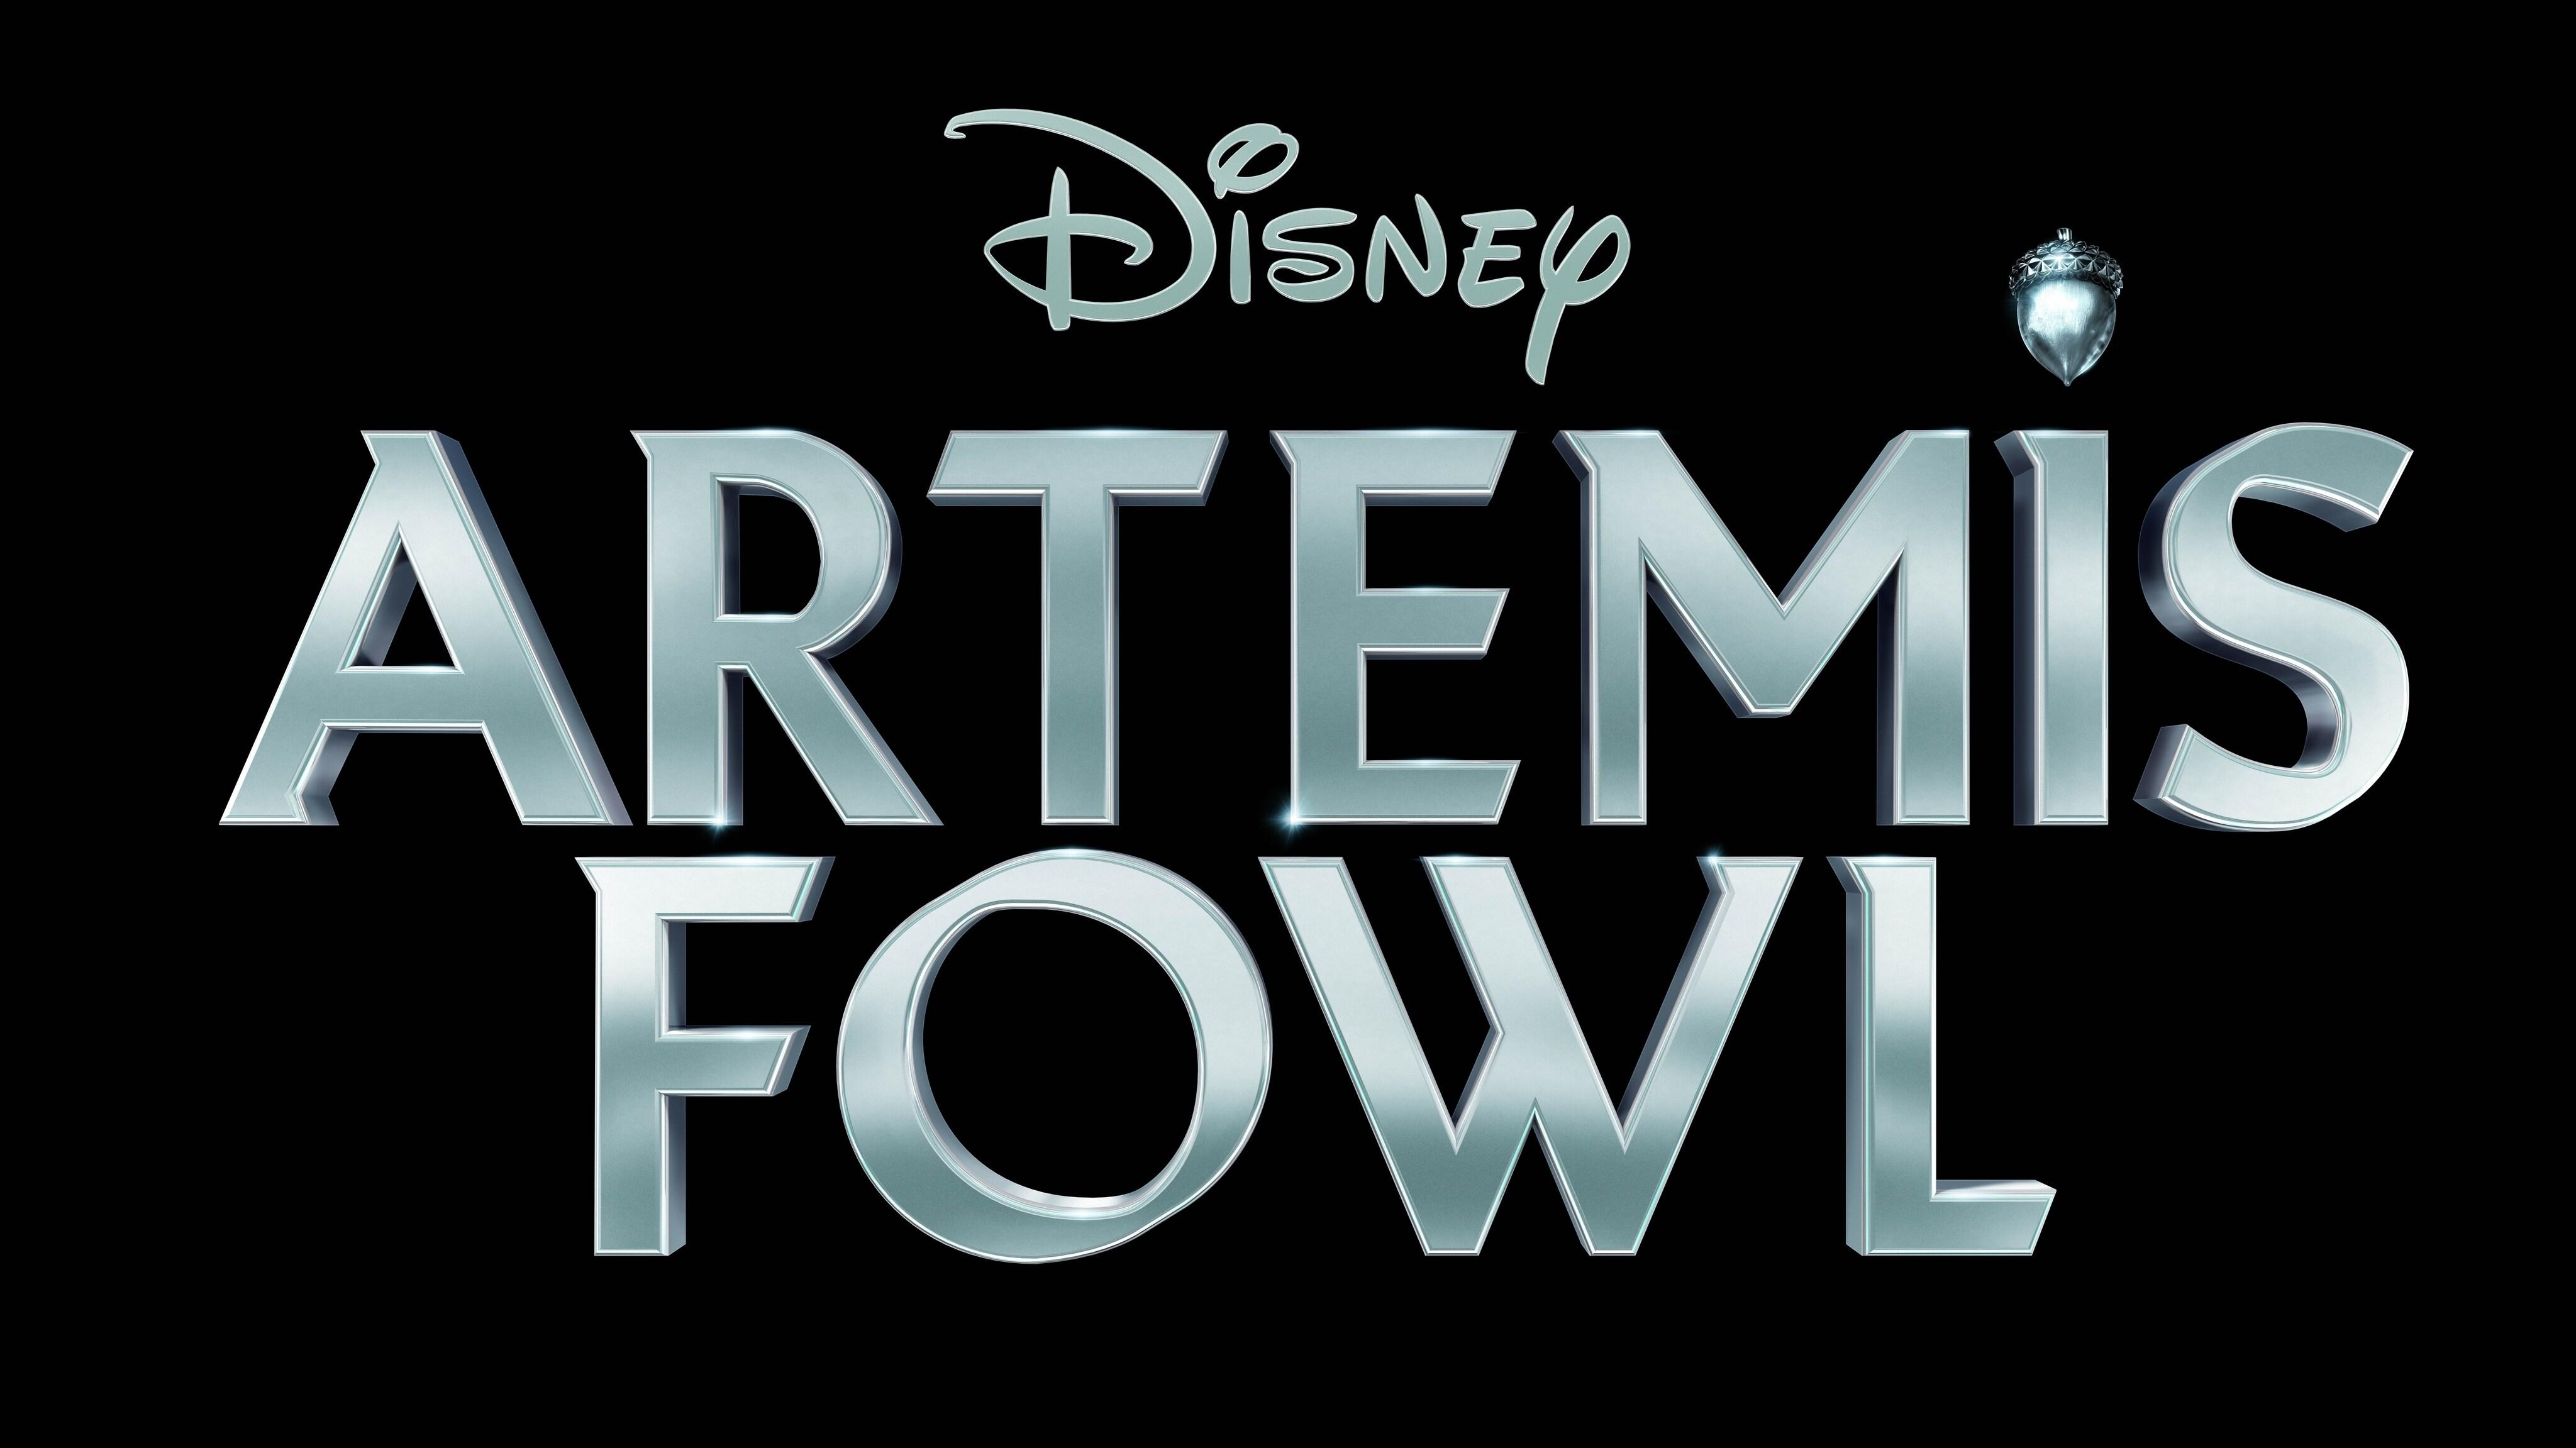 Artemis Fowl: une aventure épique et fantastique signée Disney à découvrir dès le 12 juin en exclusivité sur Disney+